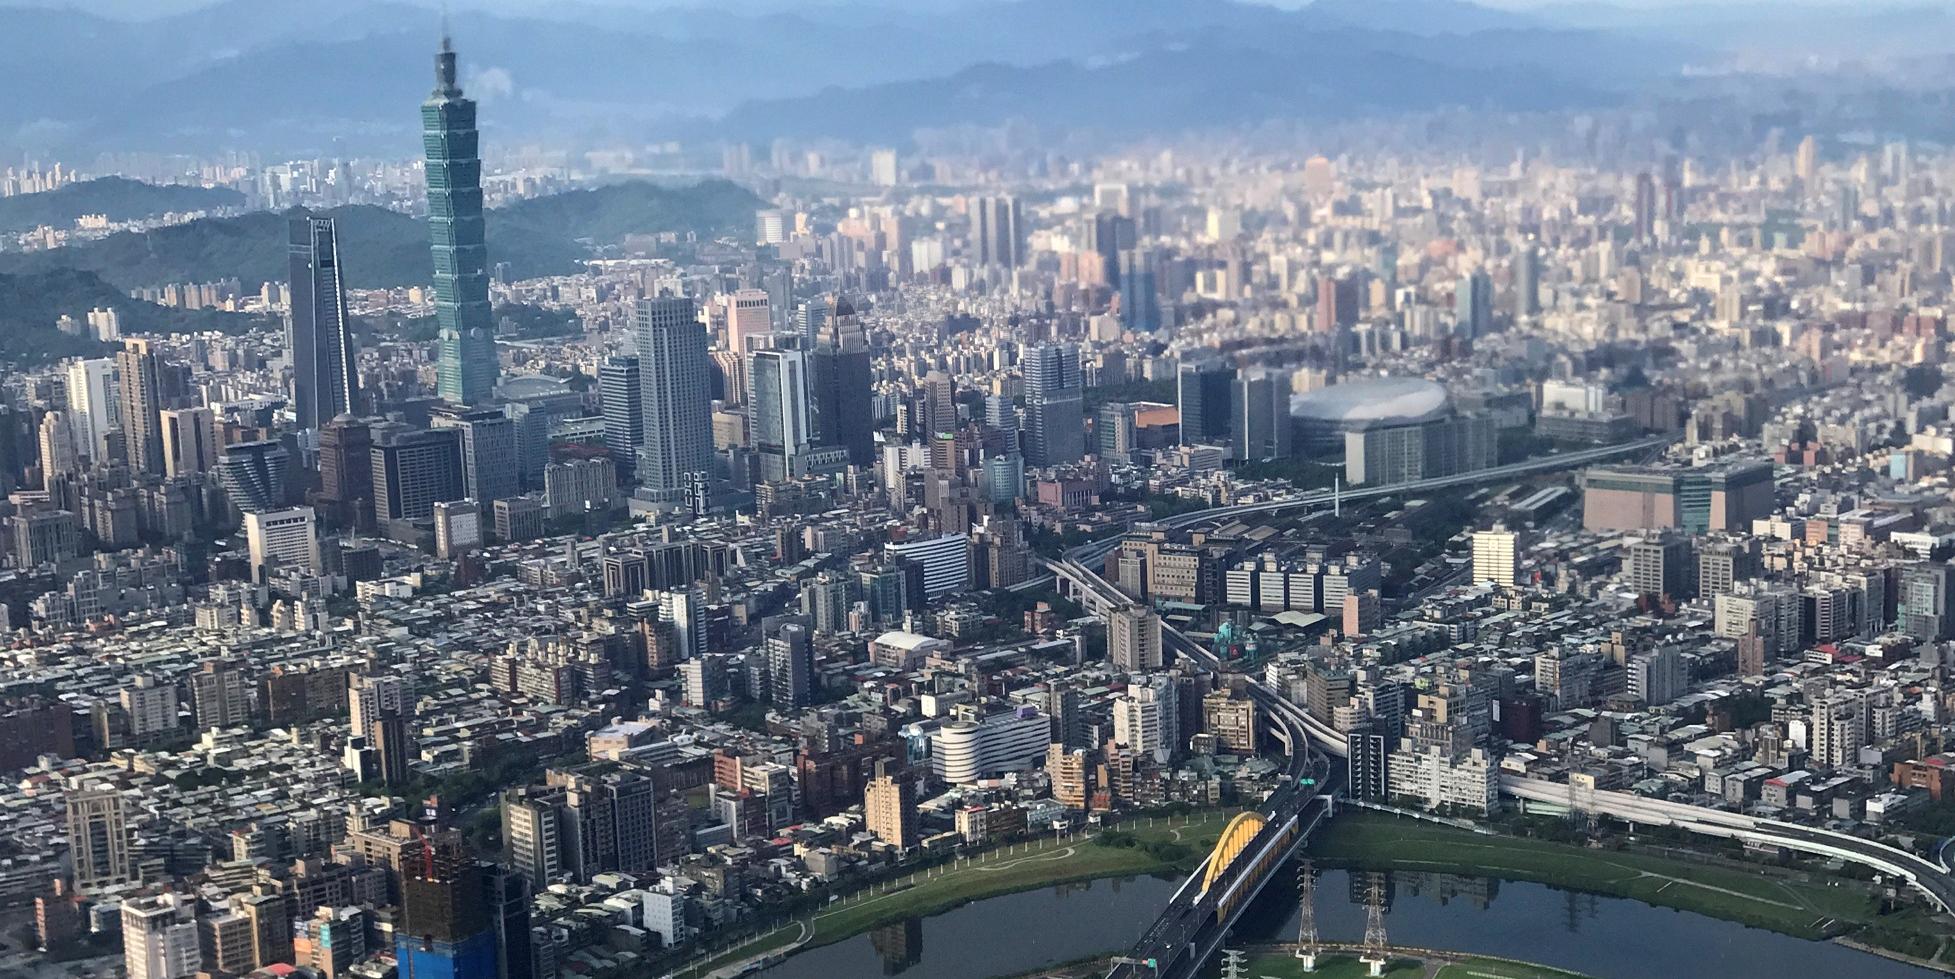 Dans l'ombre de la Chine, Taïwan déroule le tapis rouge aux startups